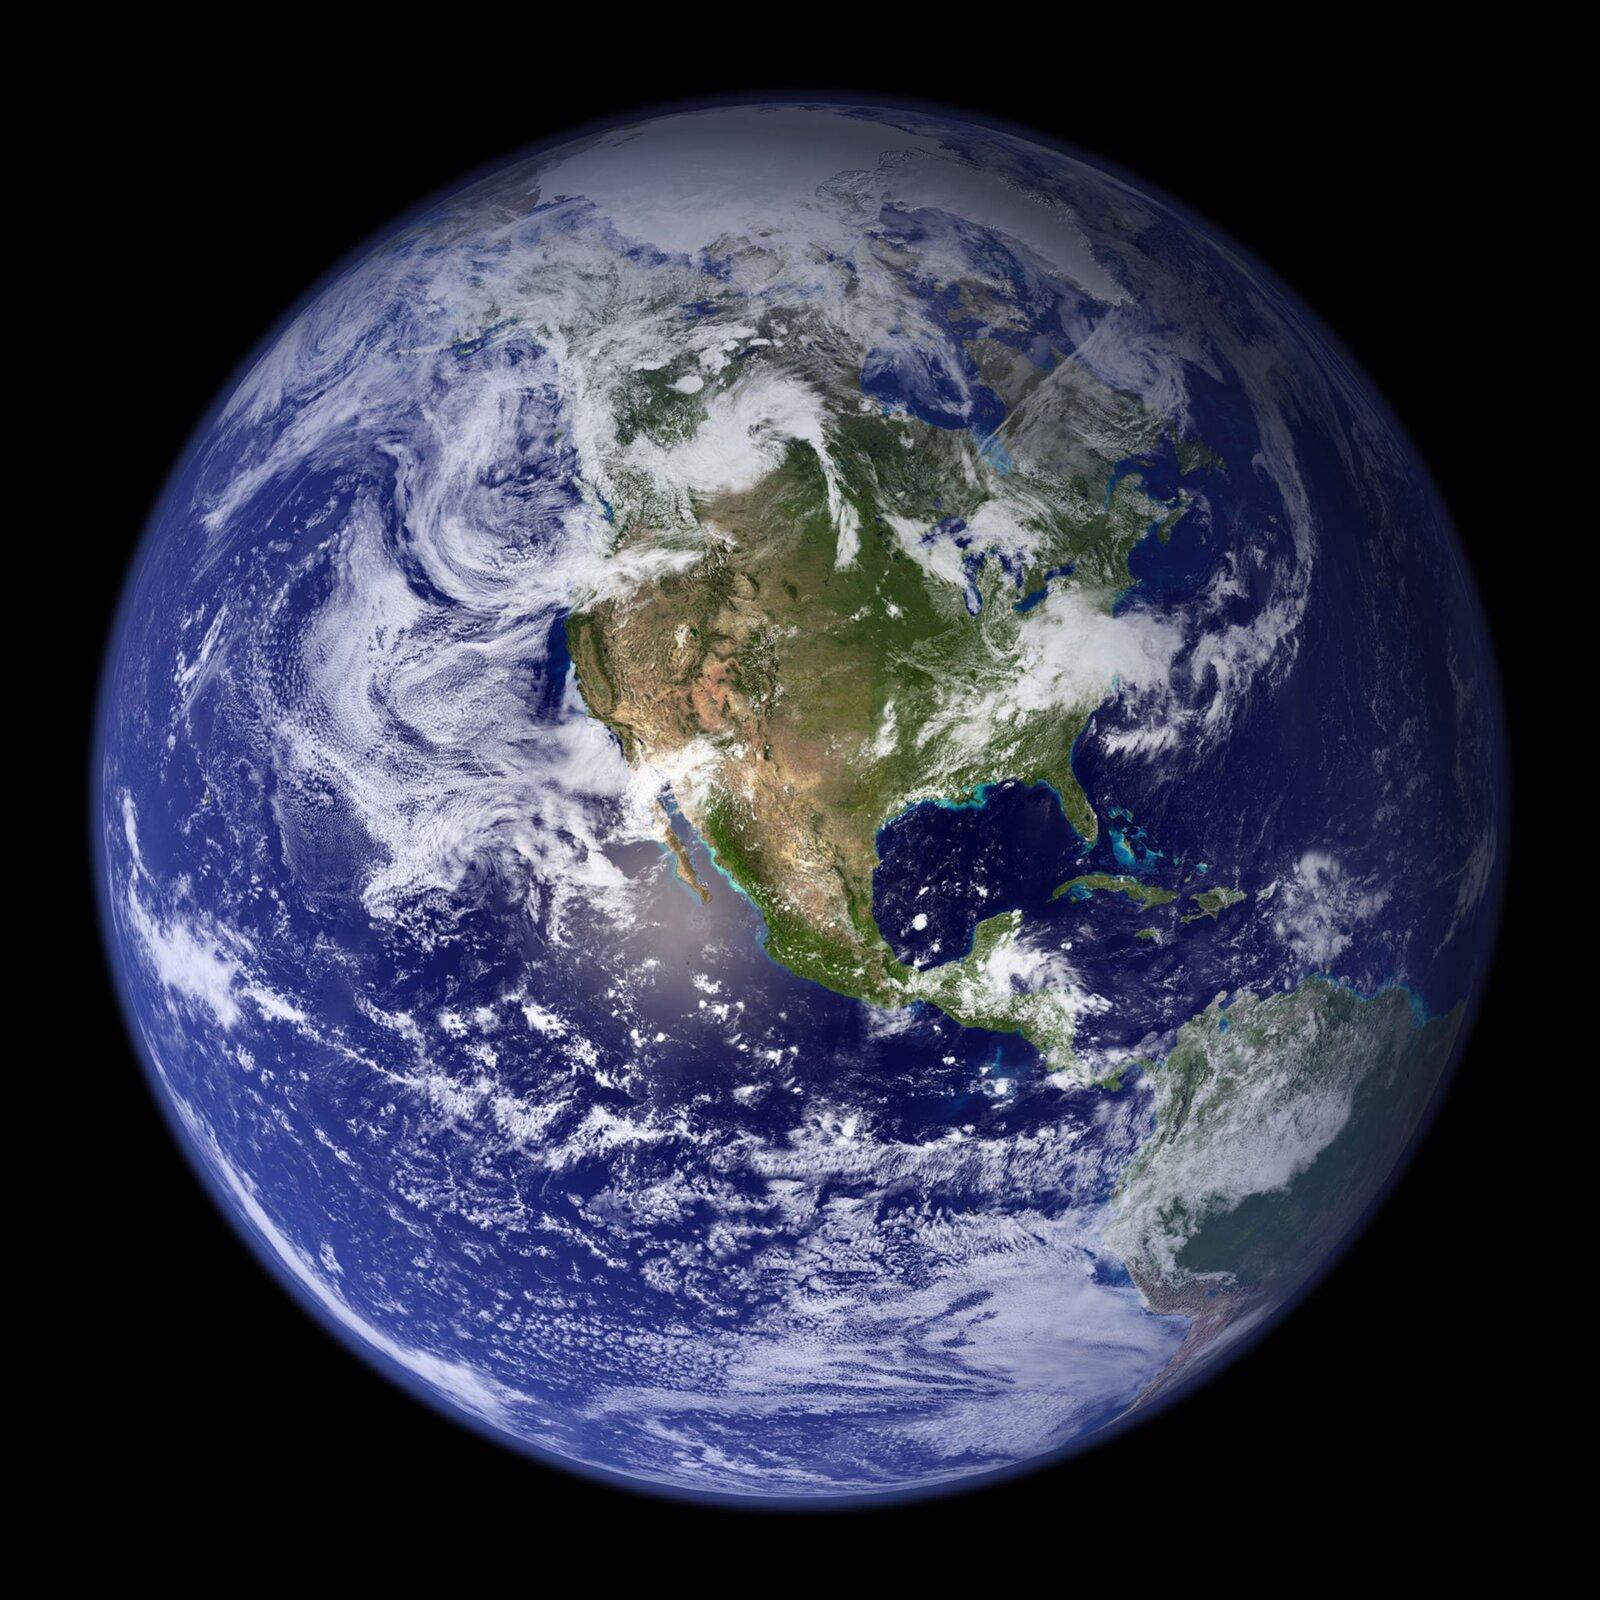 Zdjęcie satelitarne przedstawiające kulę ziemską.